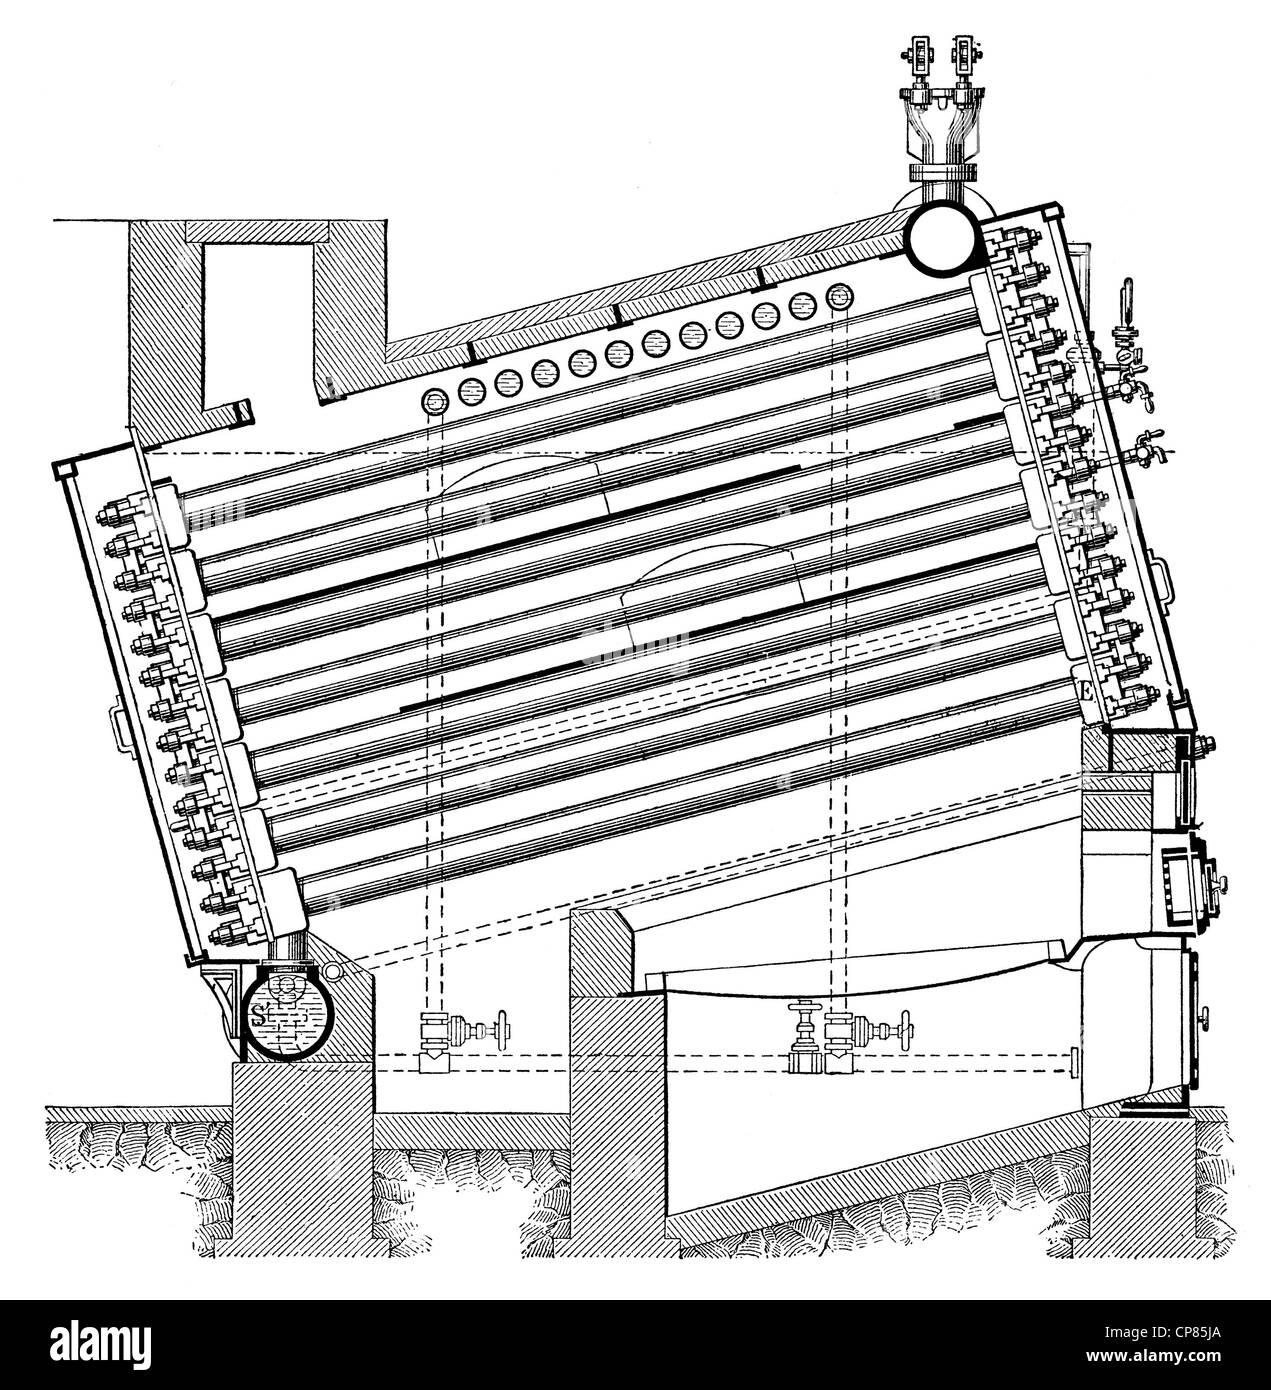 Ausgezeichnet Dampfkessel Für Wohnzwecke Galerie - Der Schaltplan ...